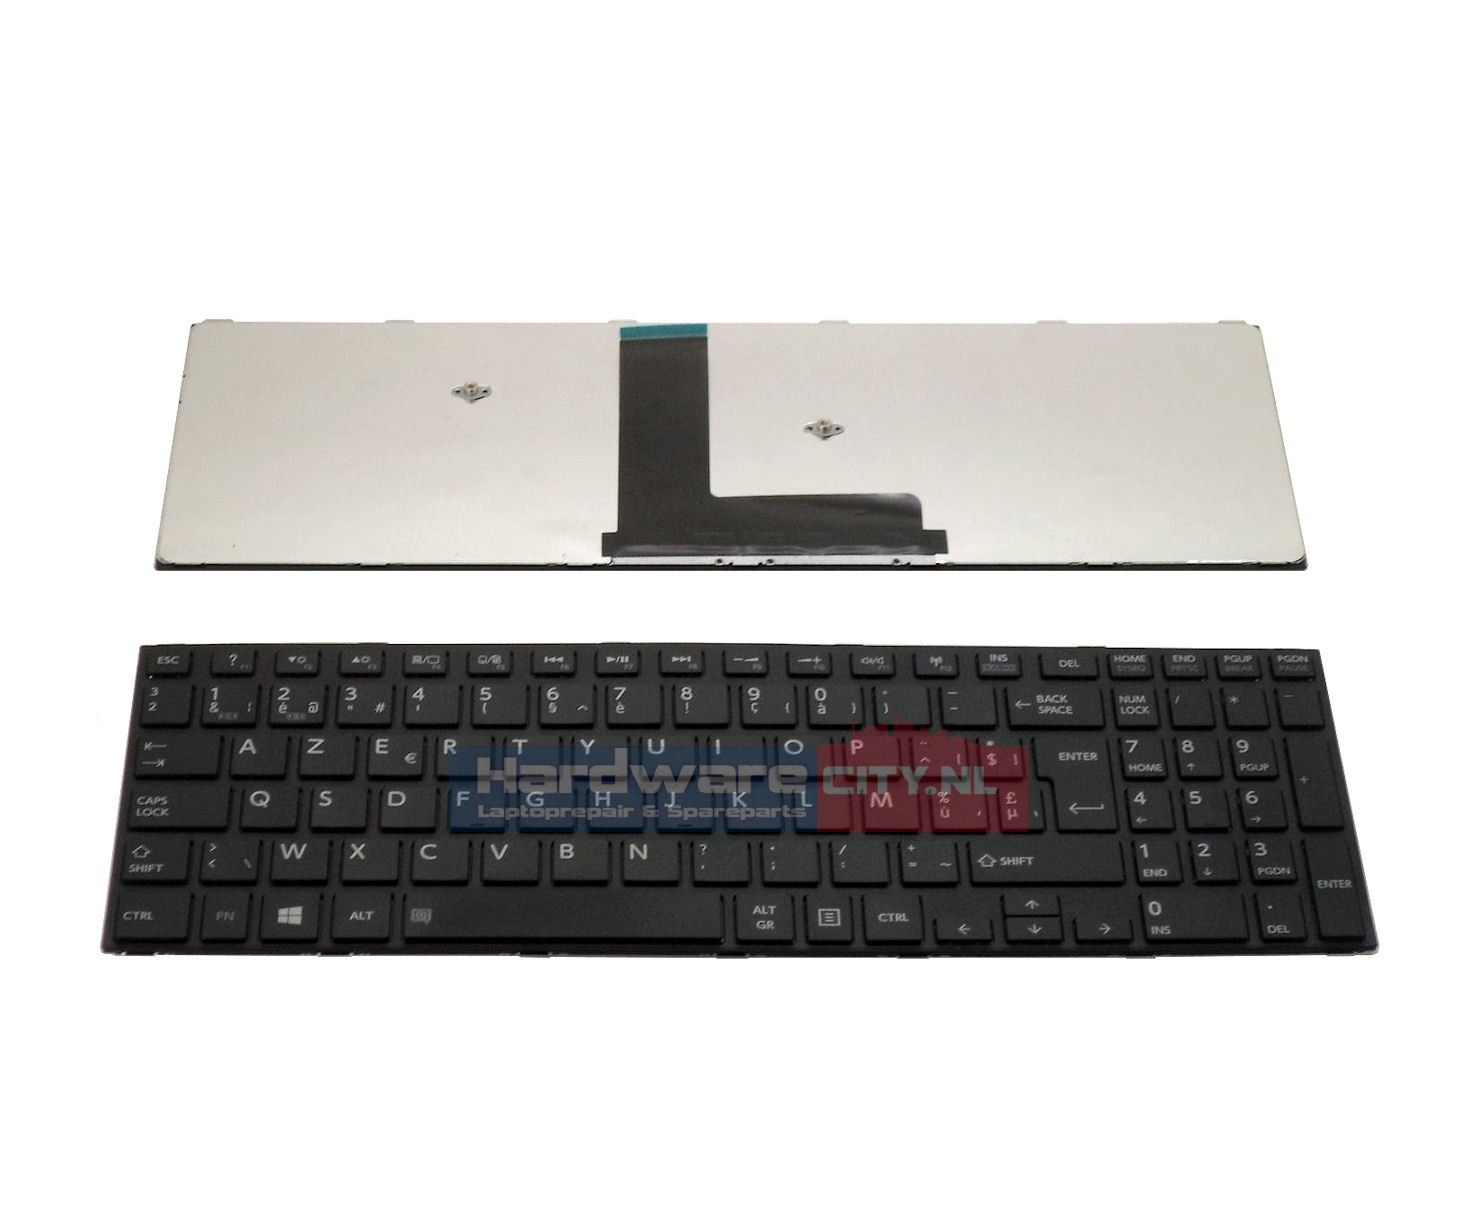 Toshiba Satellite C50-B series BE keyboard